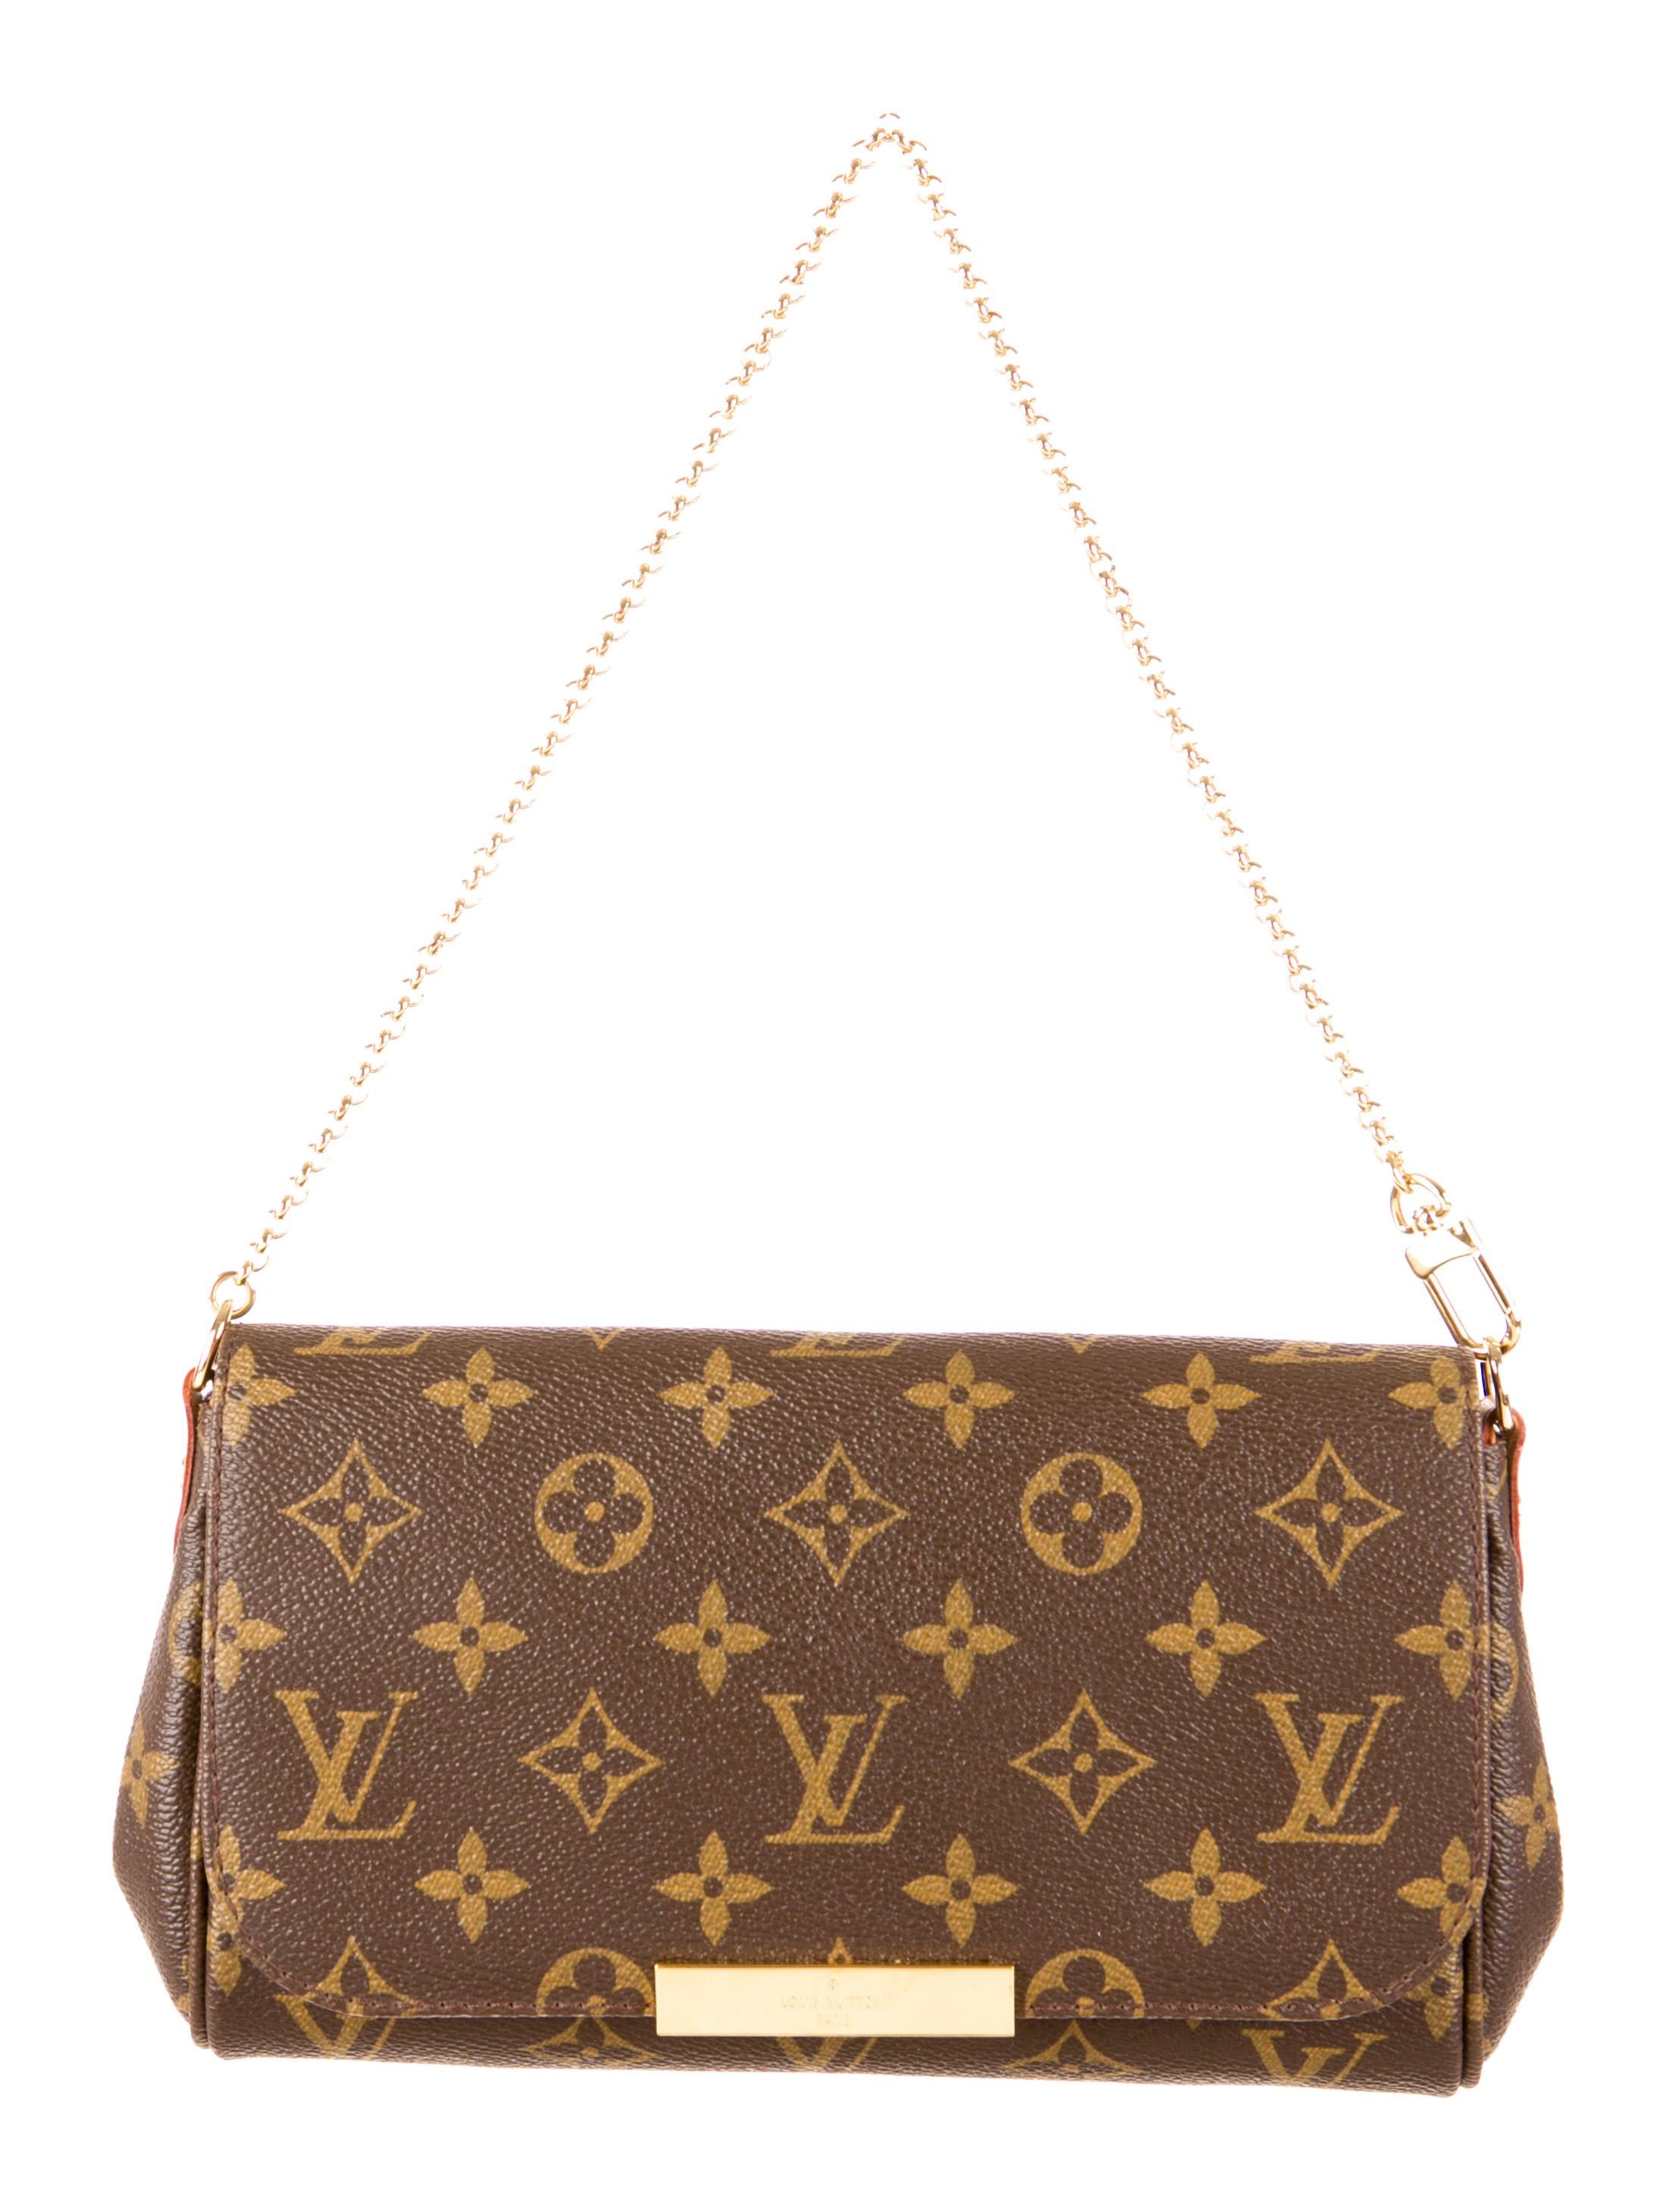 7b0ec69d6bacf Louis Vuitton Modelo Favorite | MIT Hillel